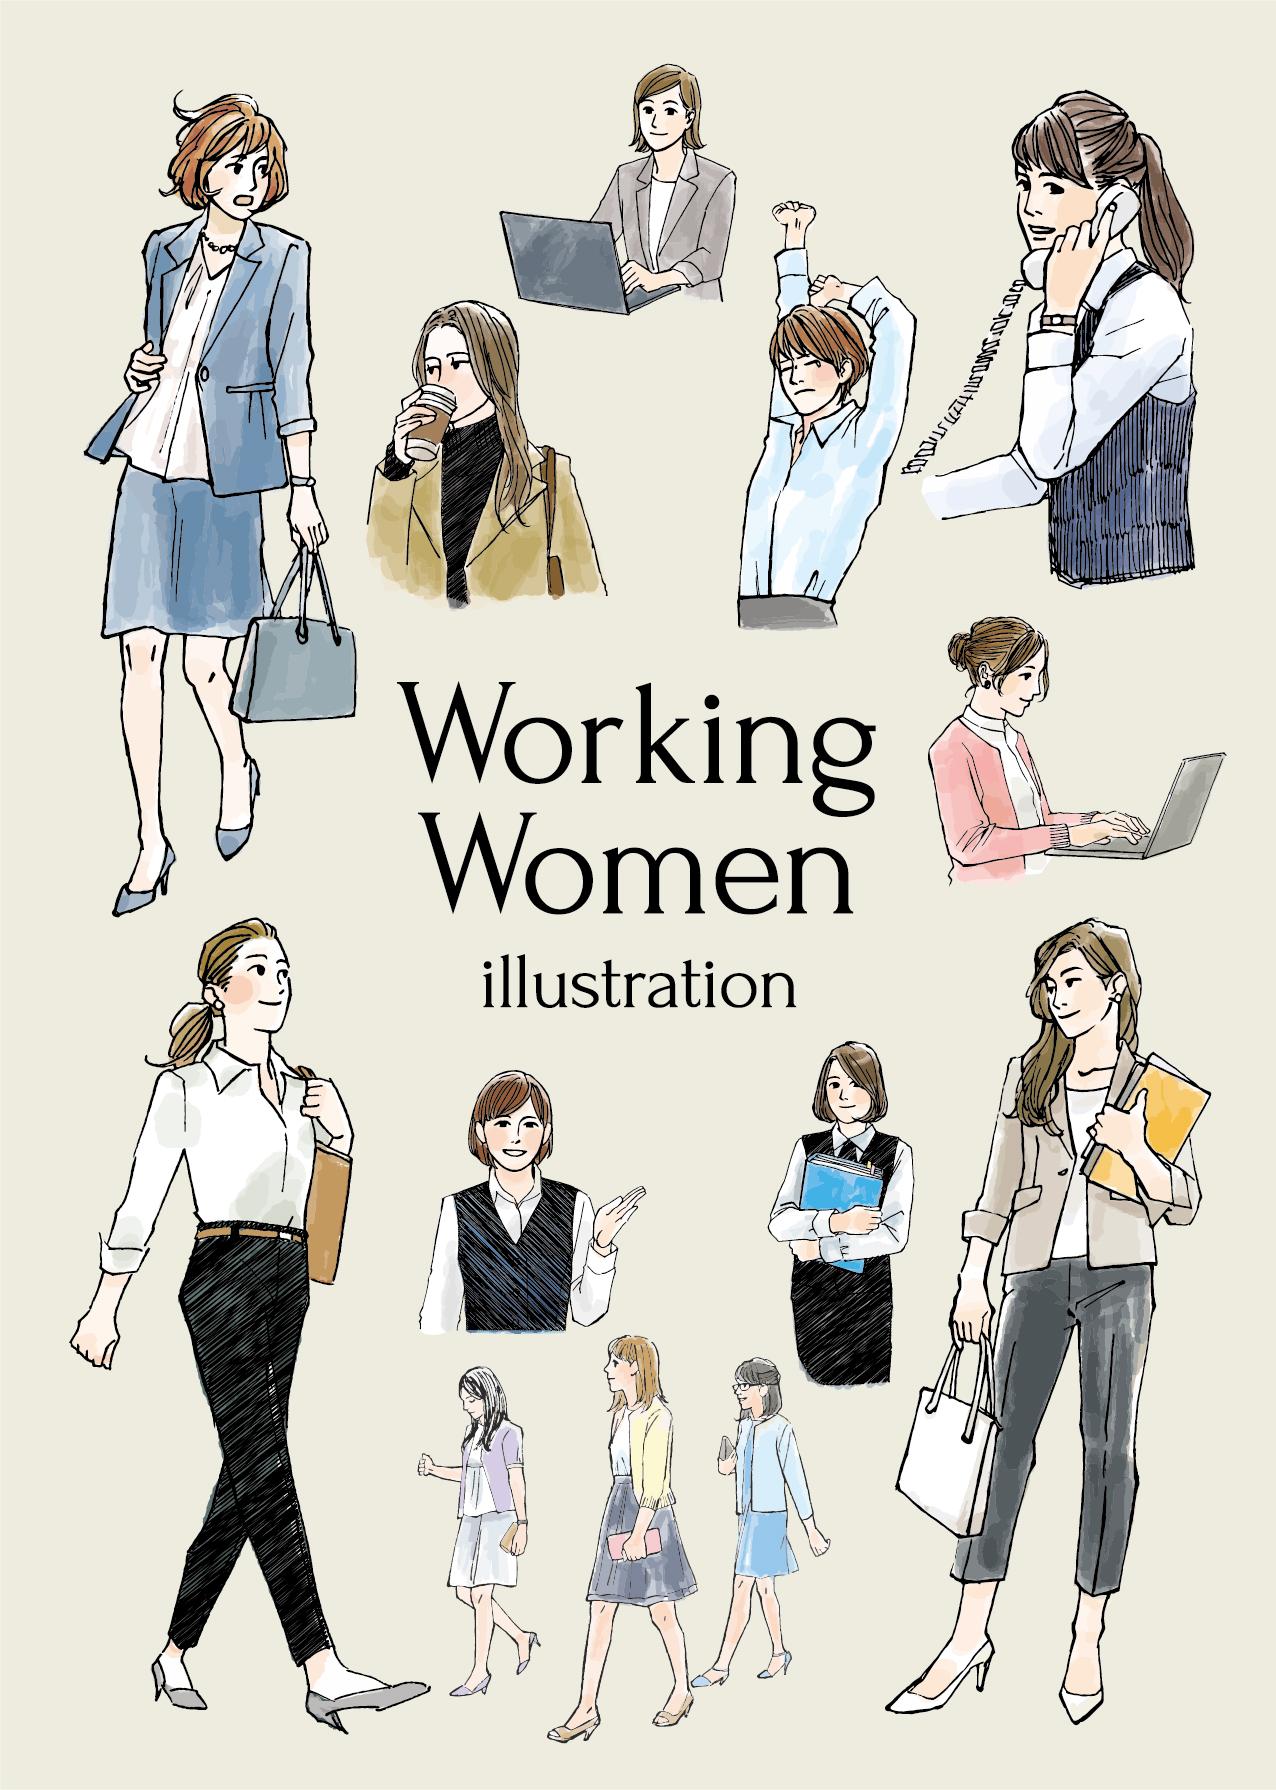 【女性の転職】社会人経験があるからこそ注意すべき面接時の服装やマナー。